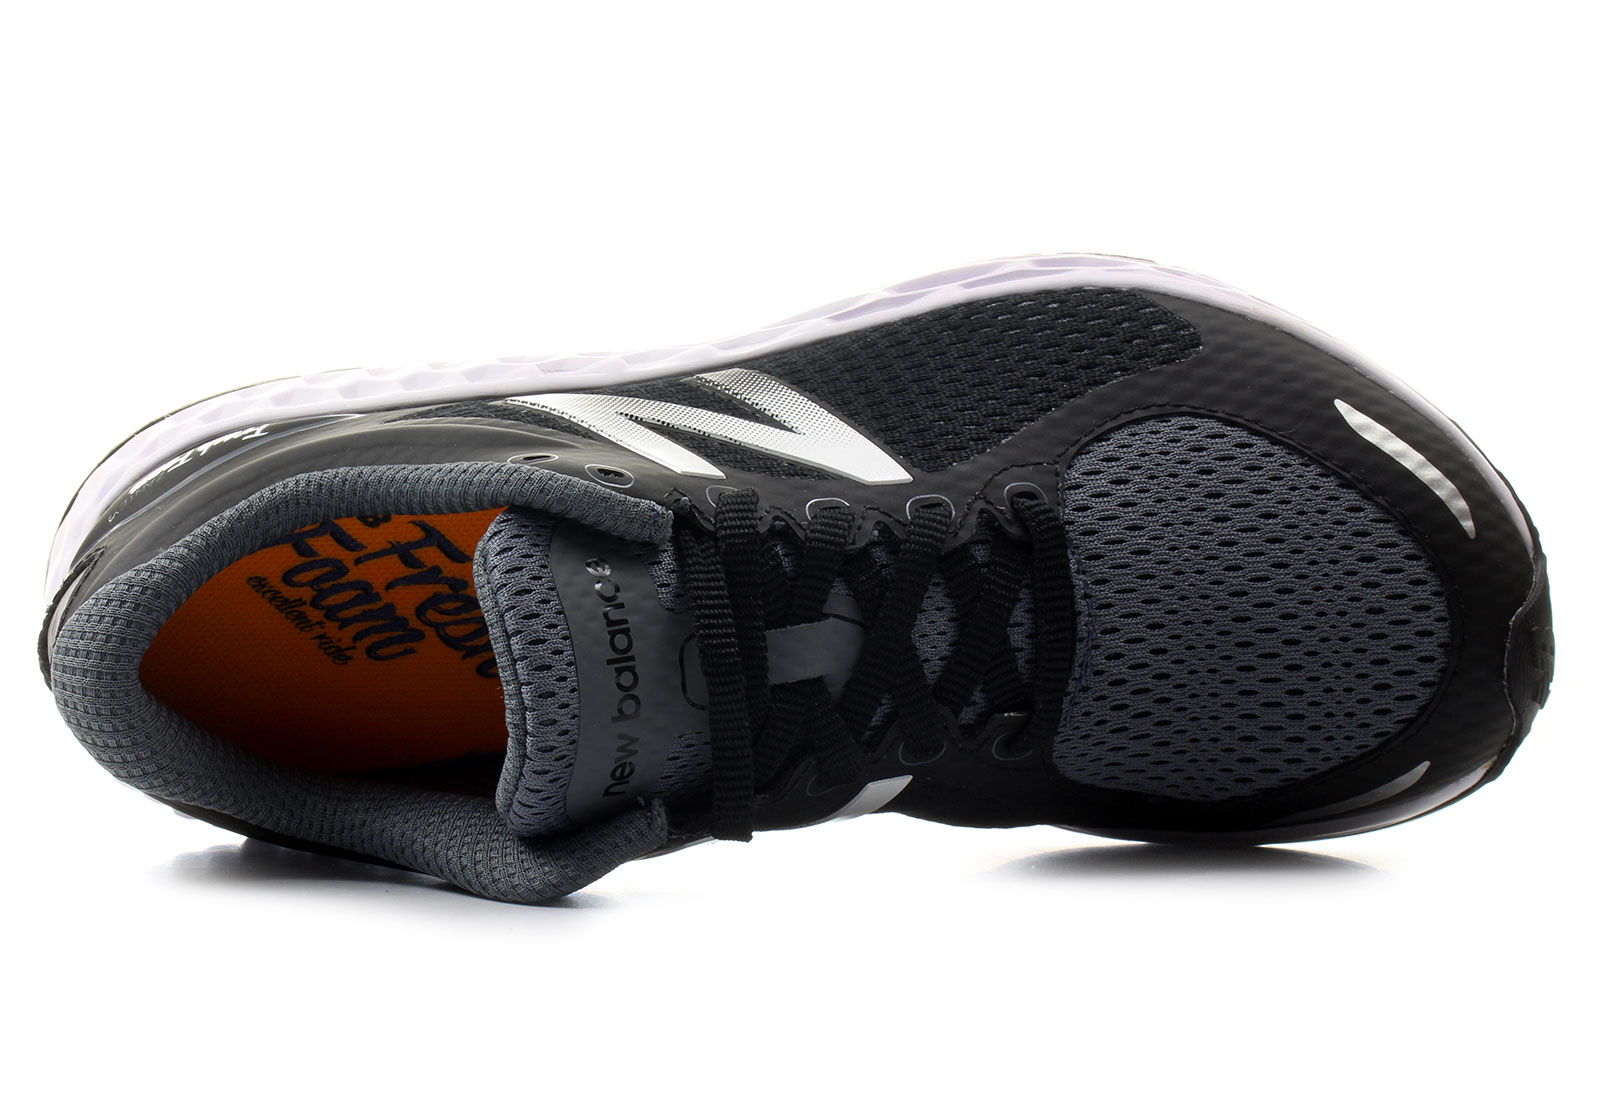 New Balance Cipő - Kjznt - KJZNTBWY - Office Shoes Magyarország 8c7050df1f